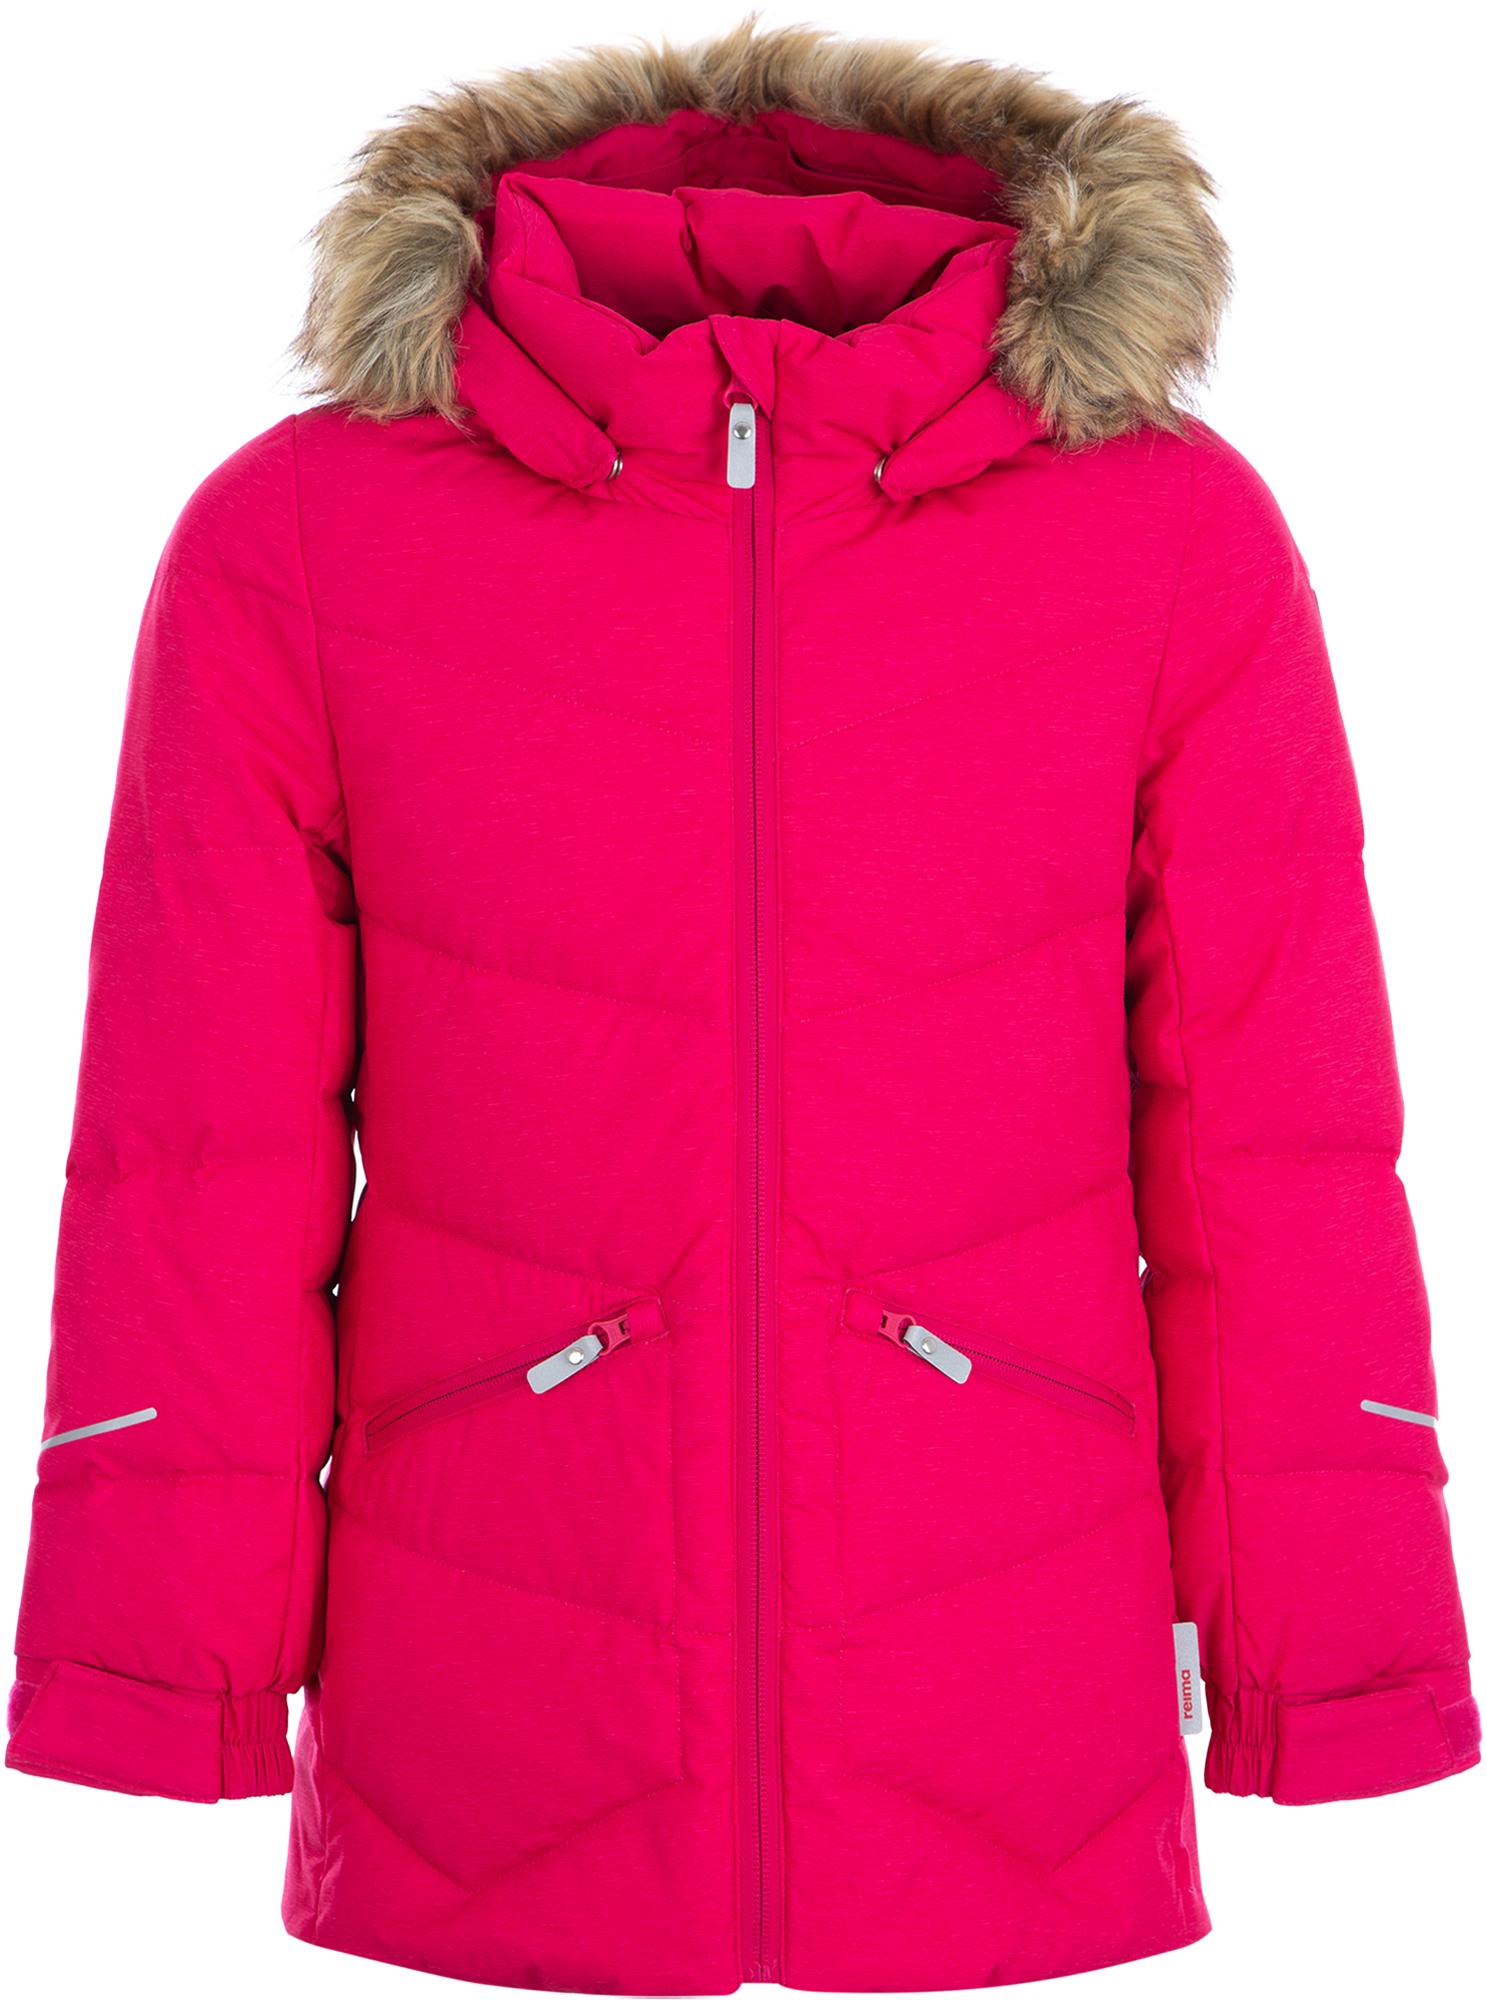 Reima Куртка пуховая для девочек Ennus, размер 140